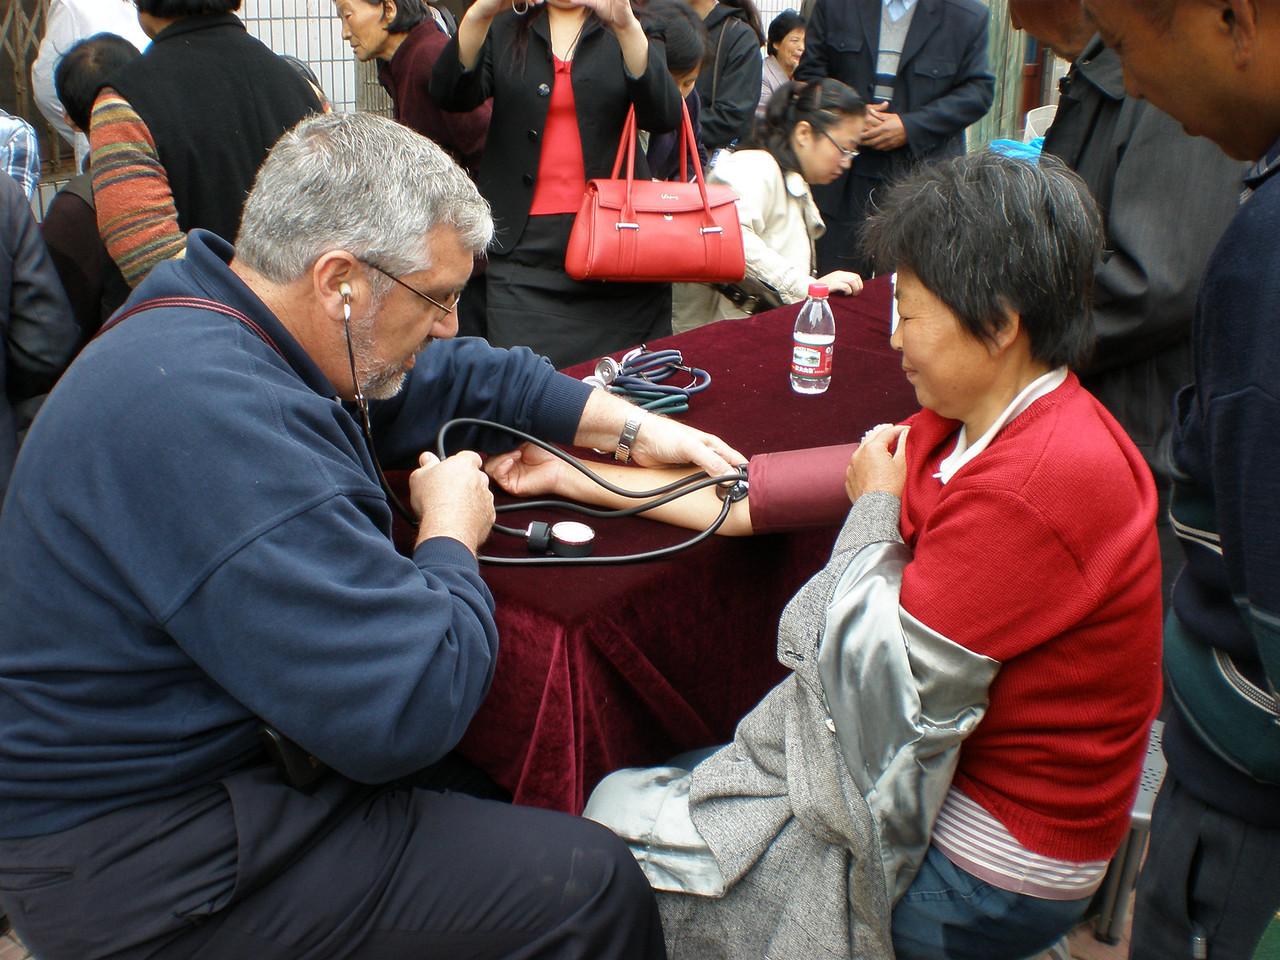 20081010_116 Richard G checks that blood pressure again...